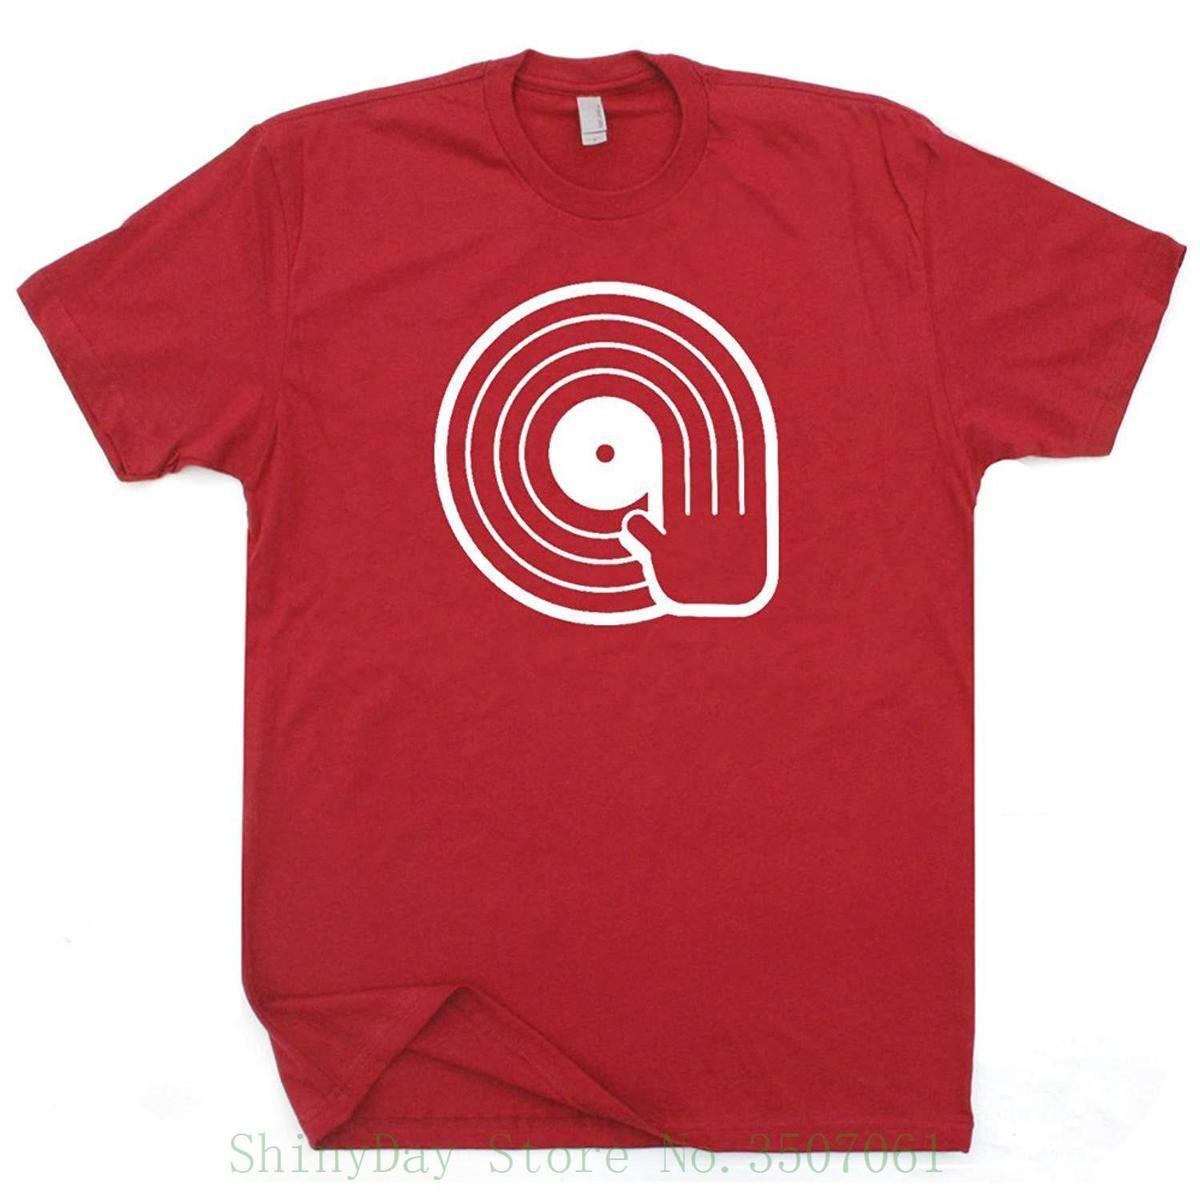 d62b36b0c Compre Camisas Para Dj Reproductor De Discos De Vinilo Playeras Giratorias  Confía En Mí Soy El Dj Beso Camiseta Vintage Retro 80s Camiseta Gráfica  Caliente ...